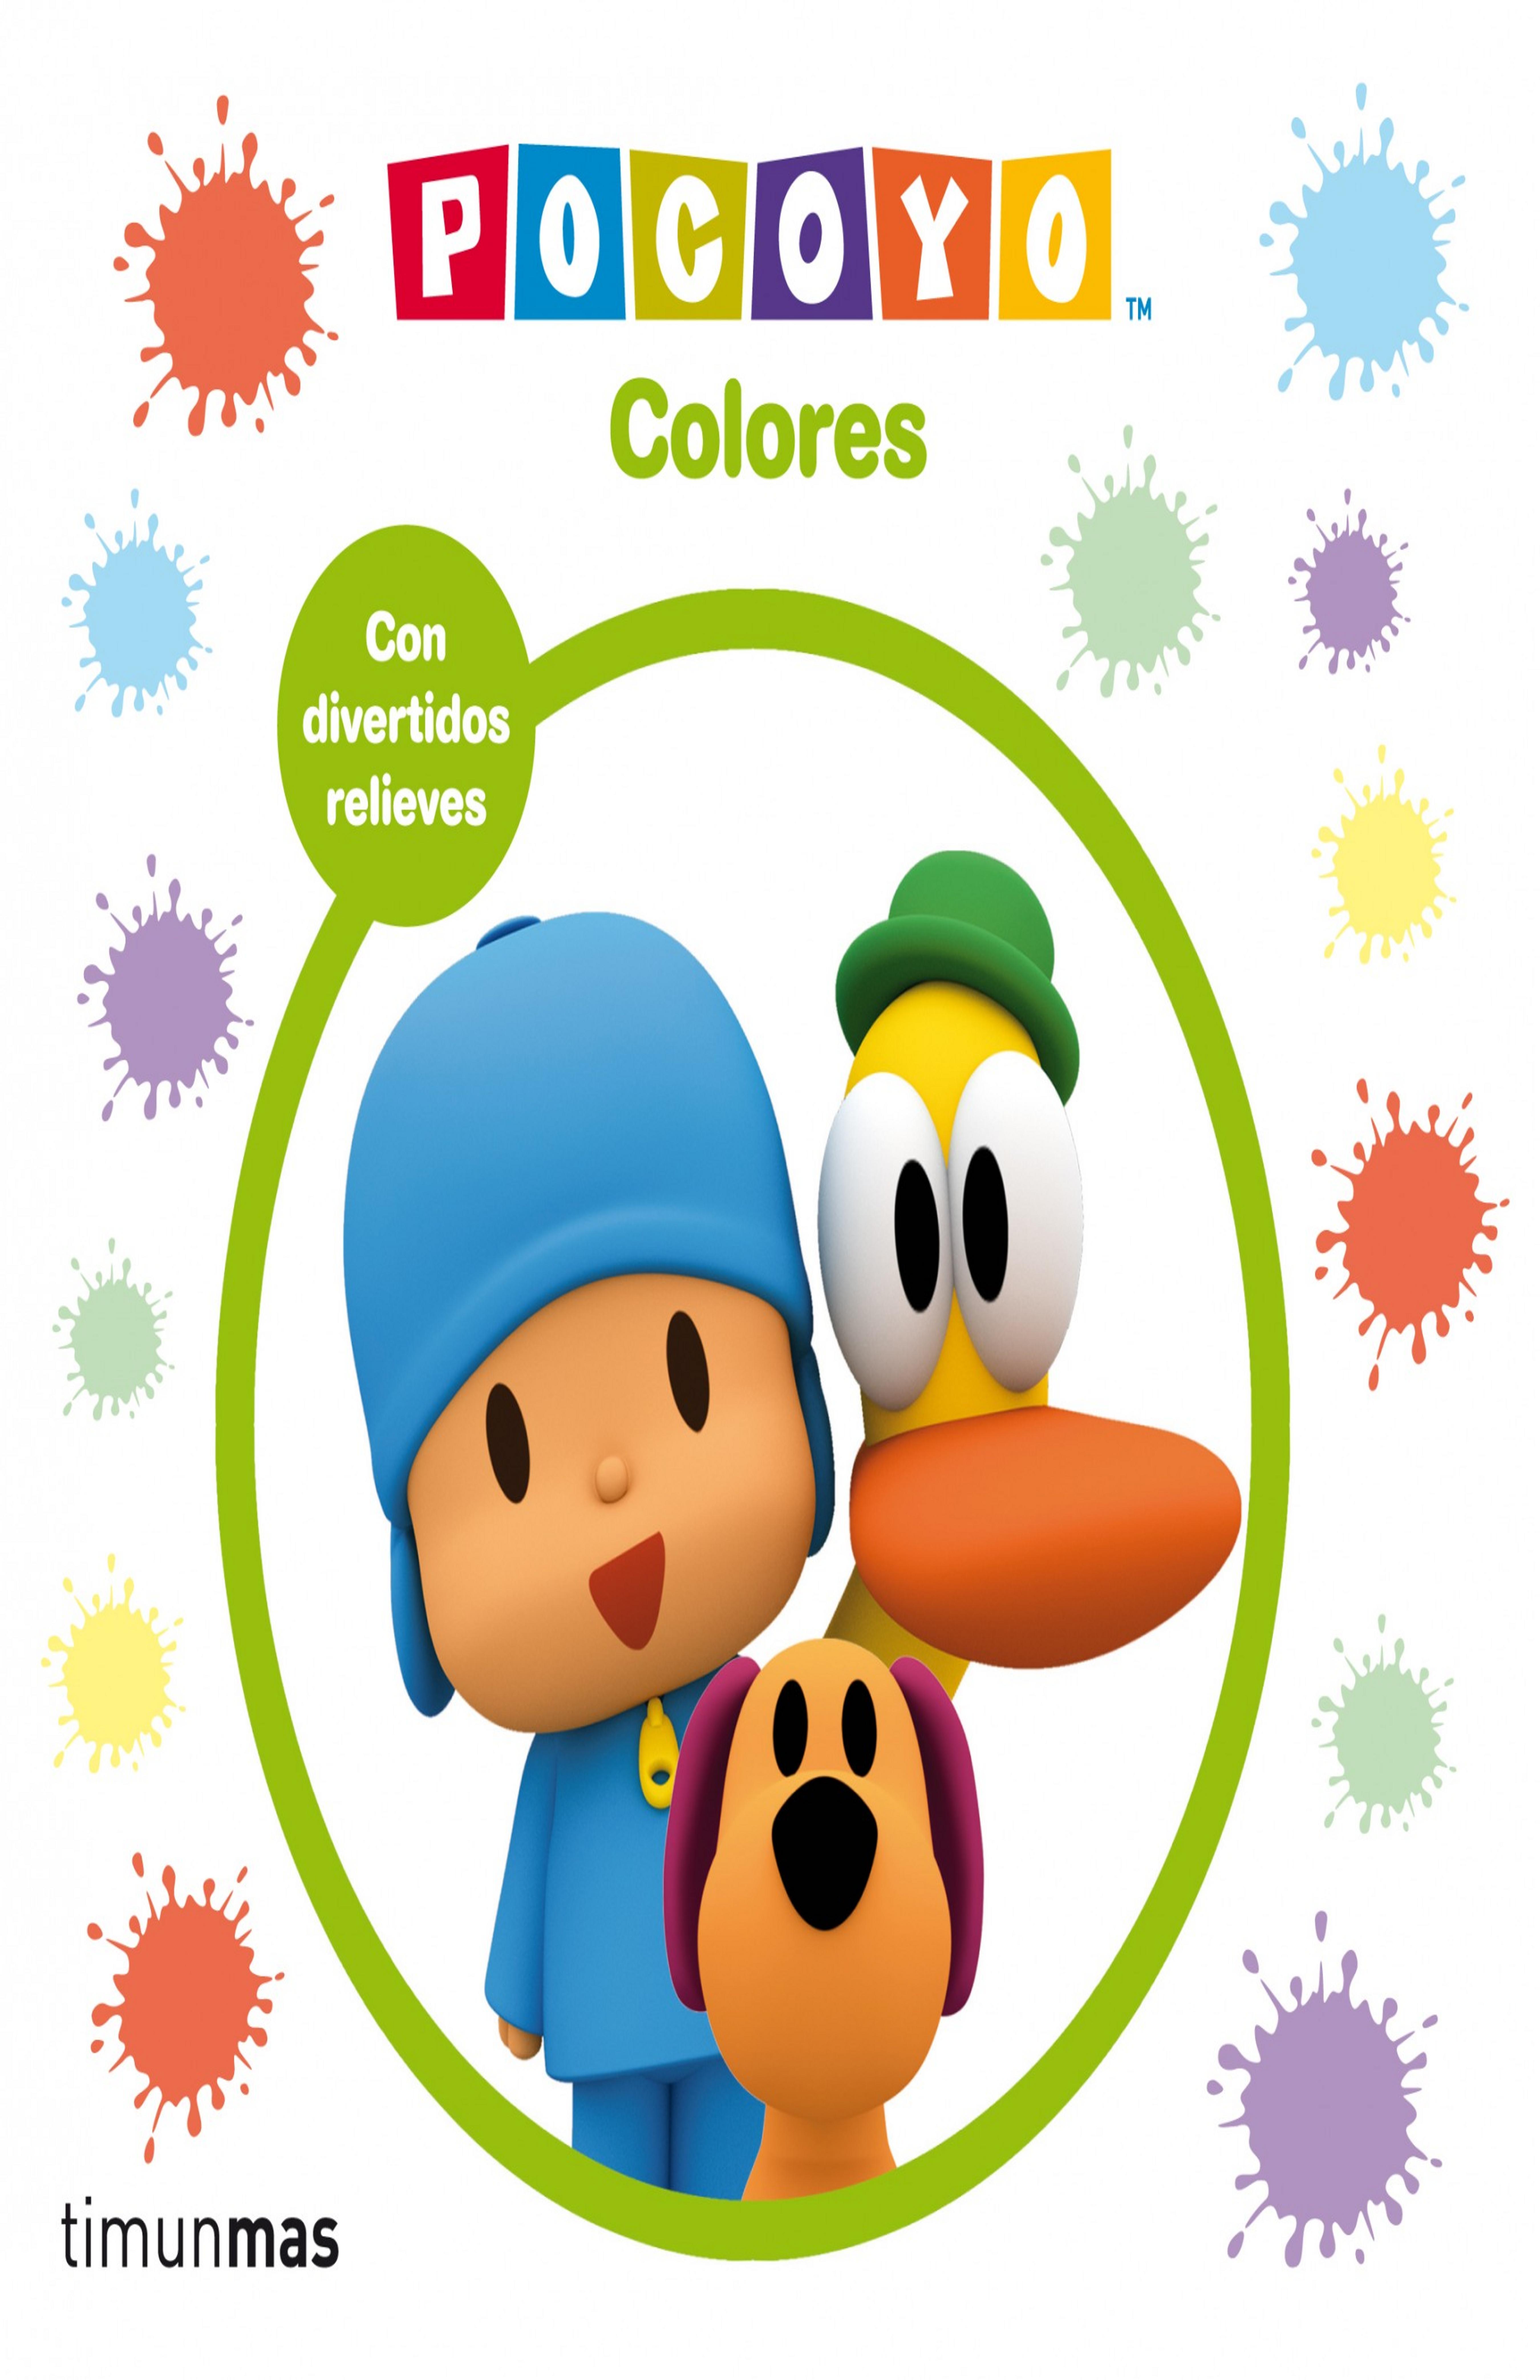 COLORES - Pocoyo